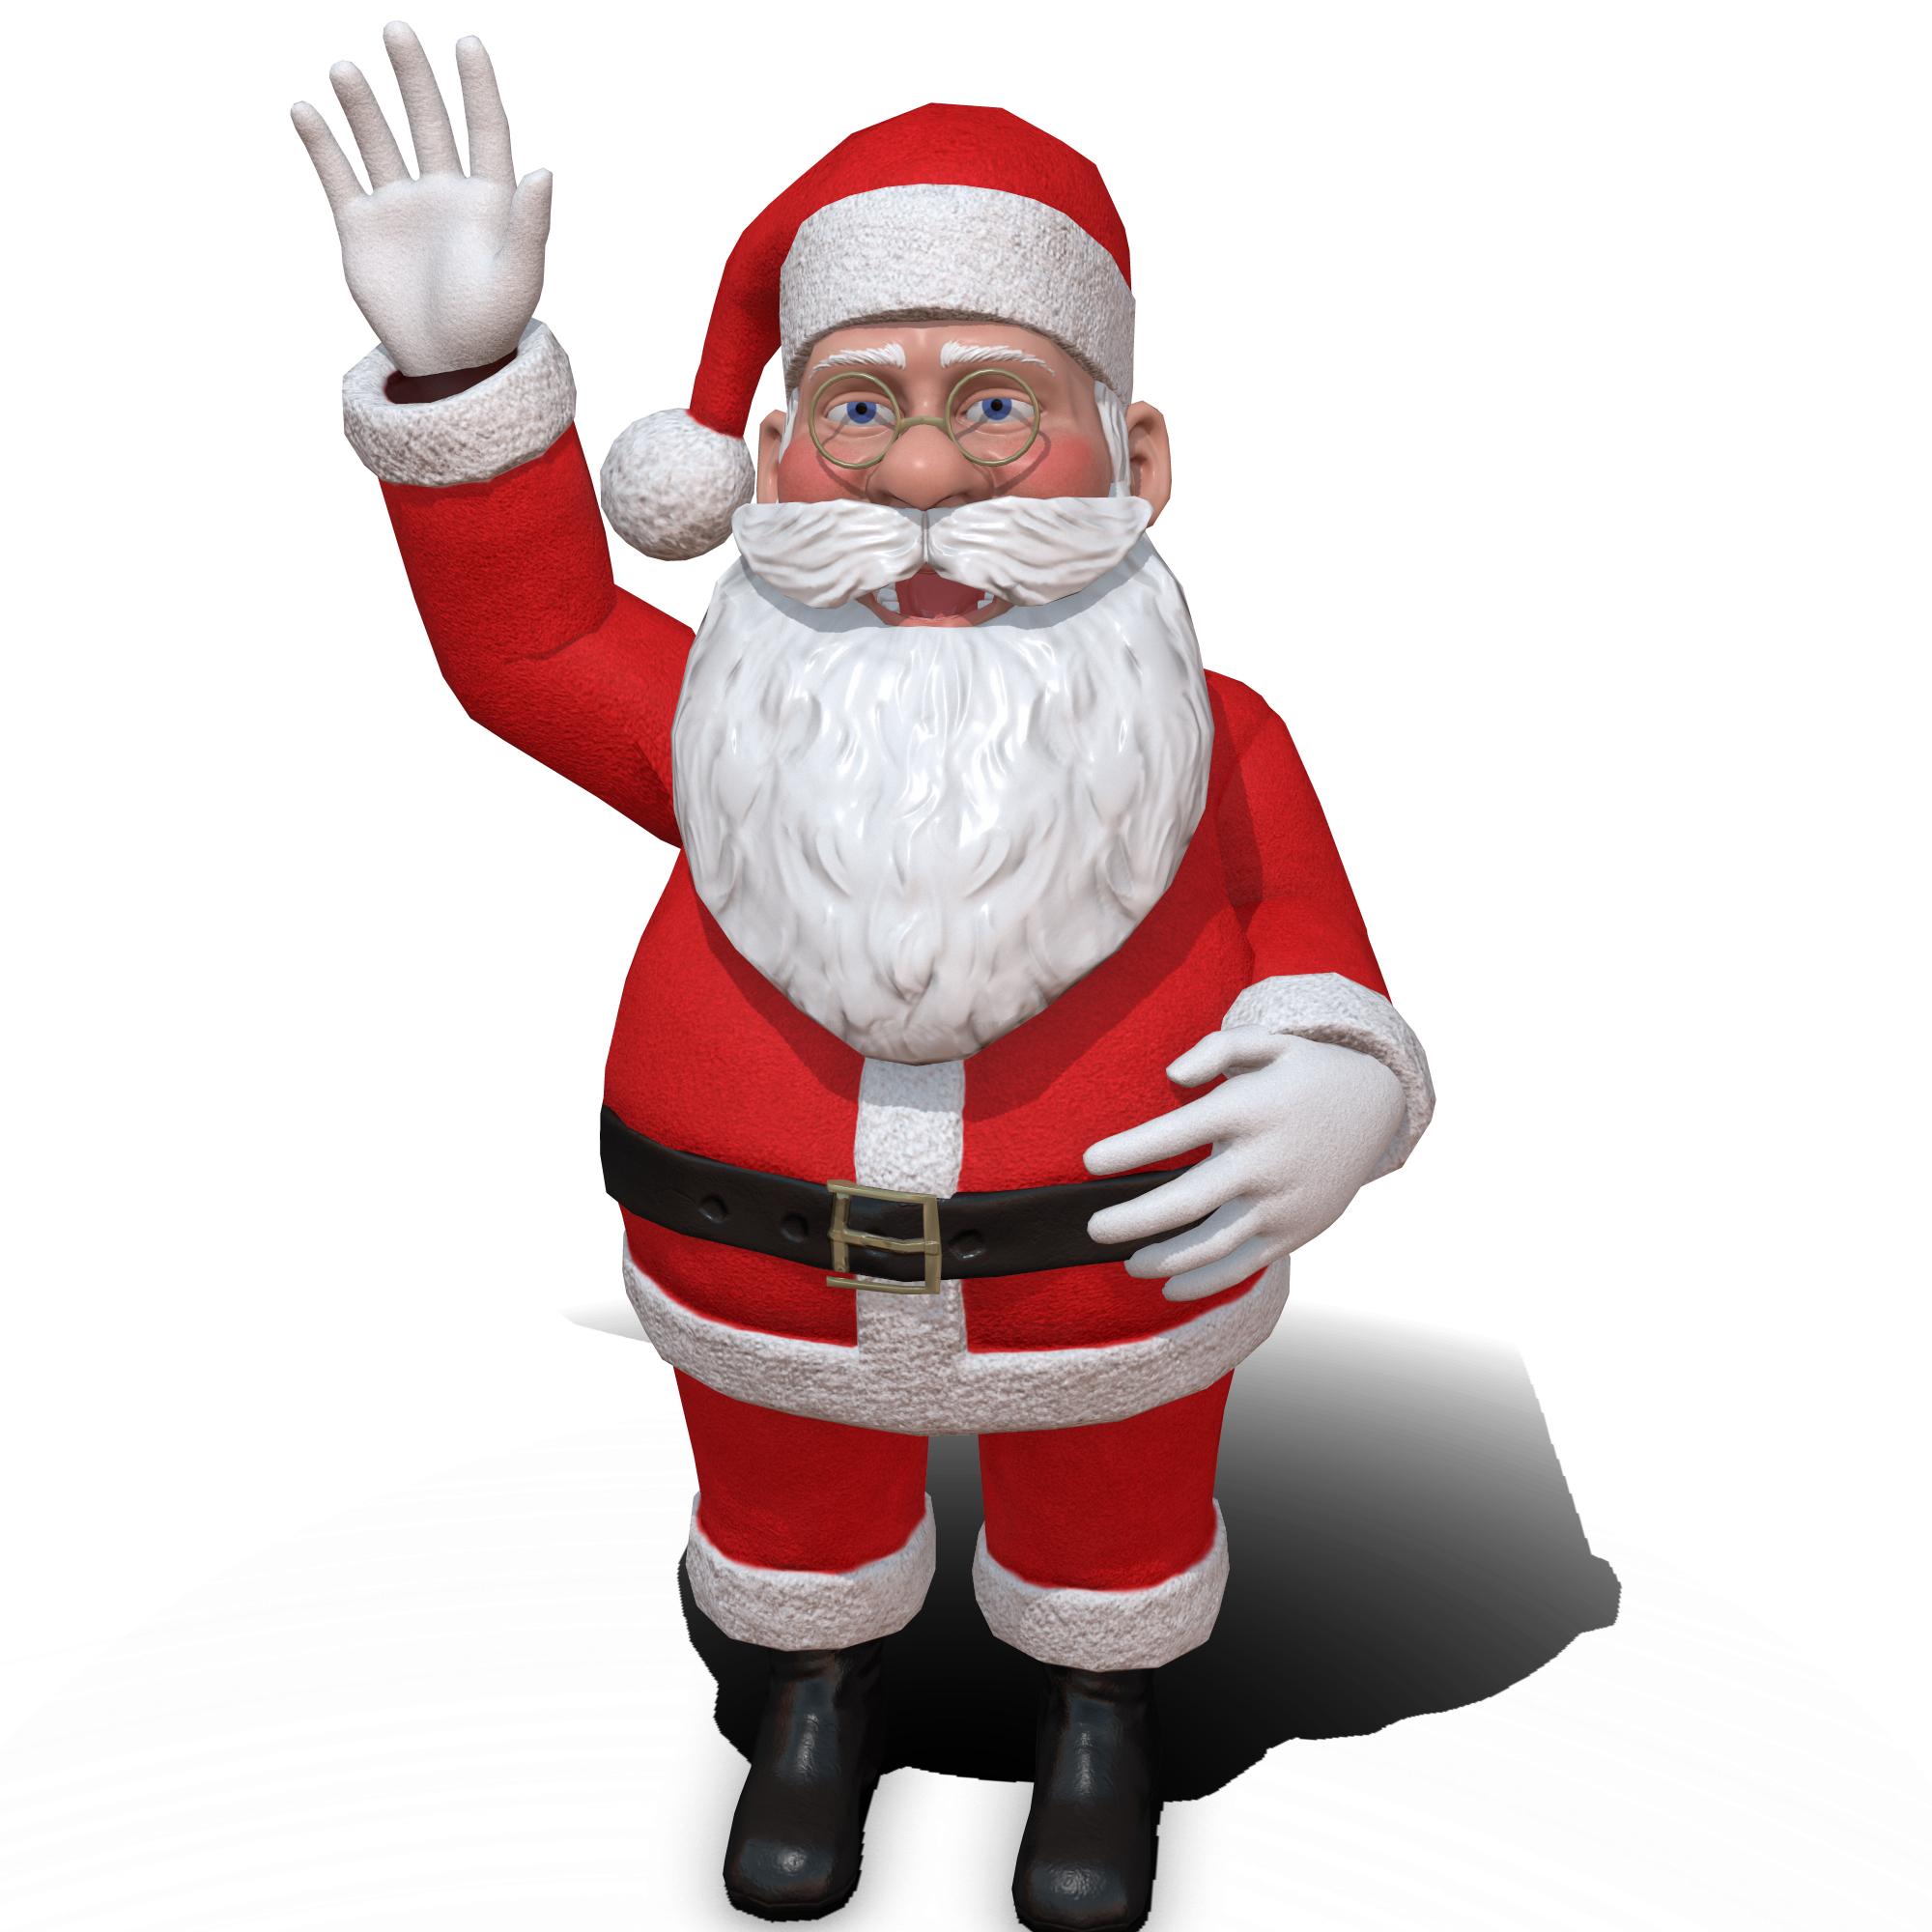 [RELEASED] Cartoon 3D Santa Claus